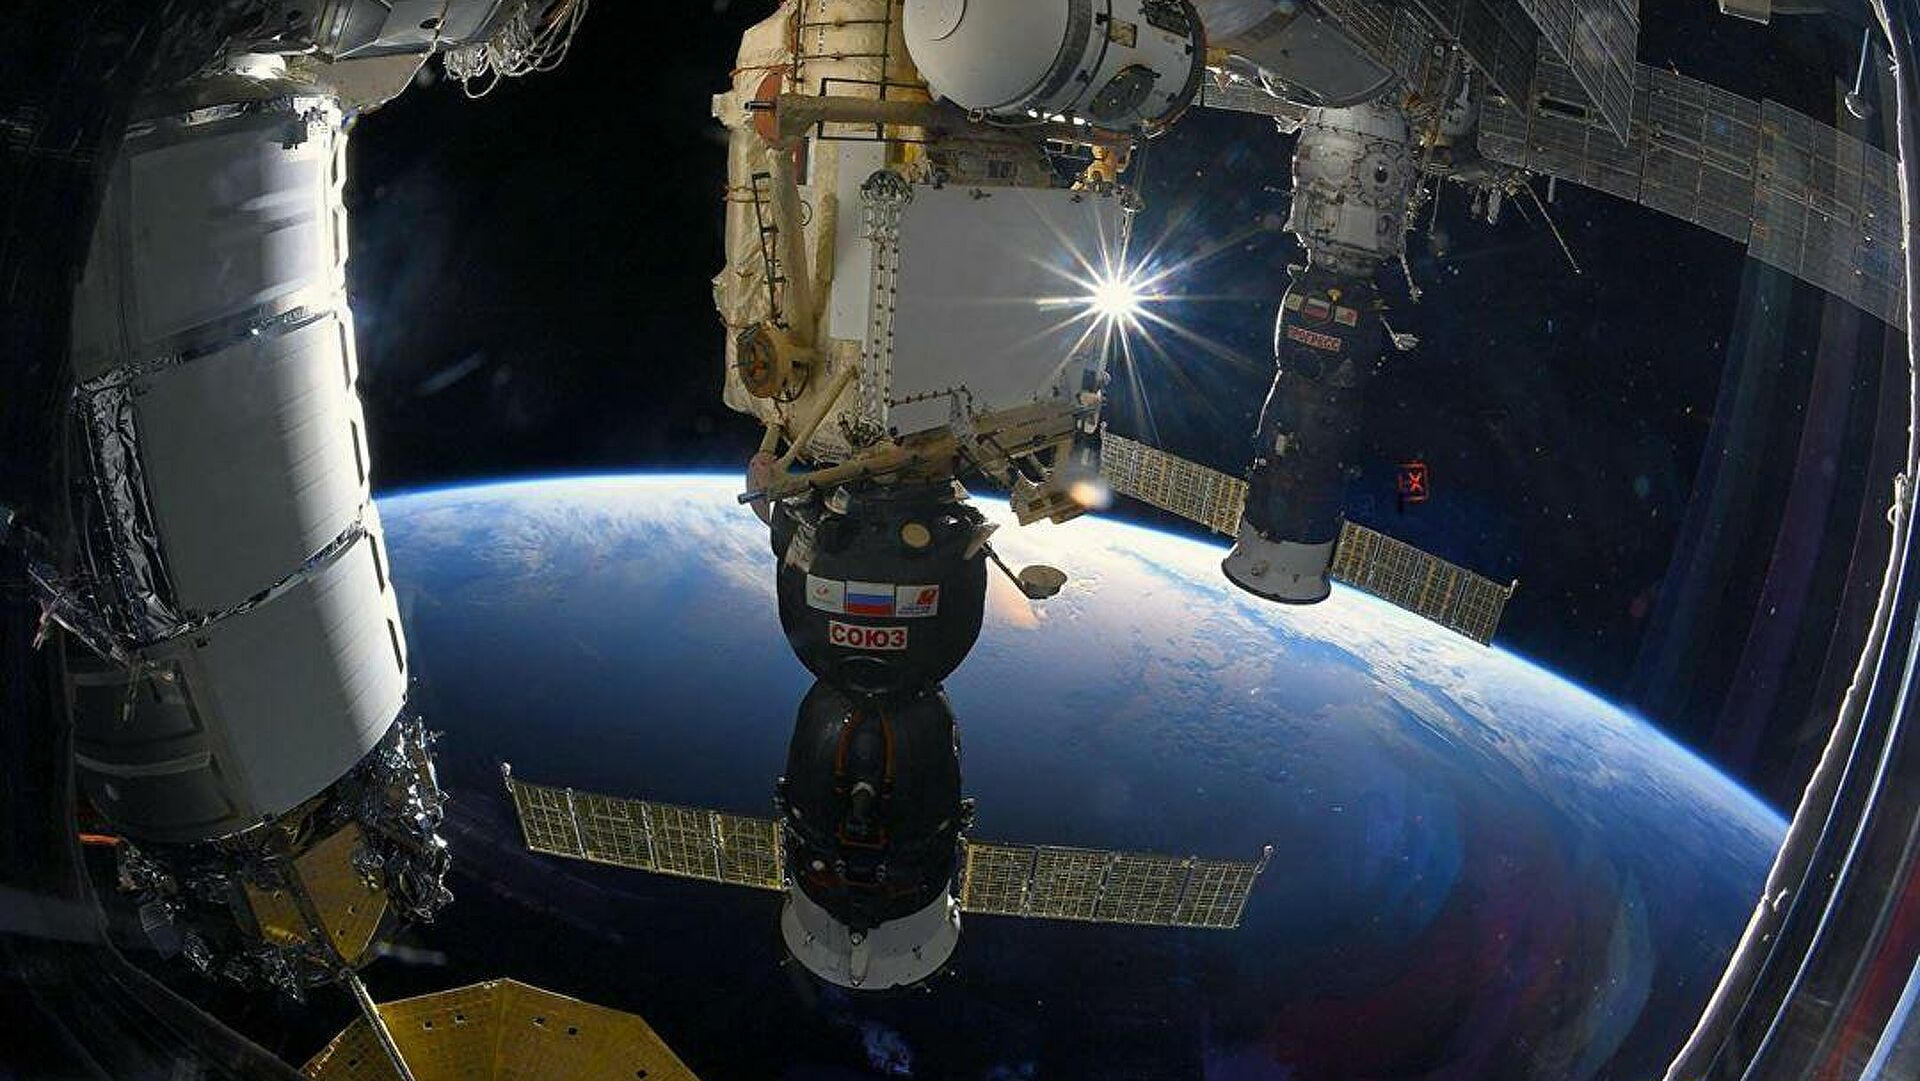 """""""Rusija u poslednje vreme pokazala provokativno ponašanje koje stvara potencijalno opasnu situaciju u kosmosu"""""""